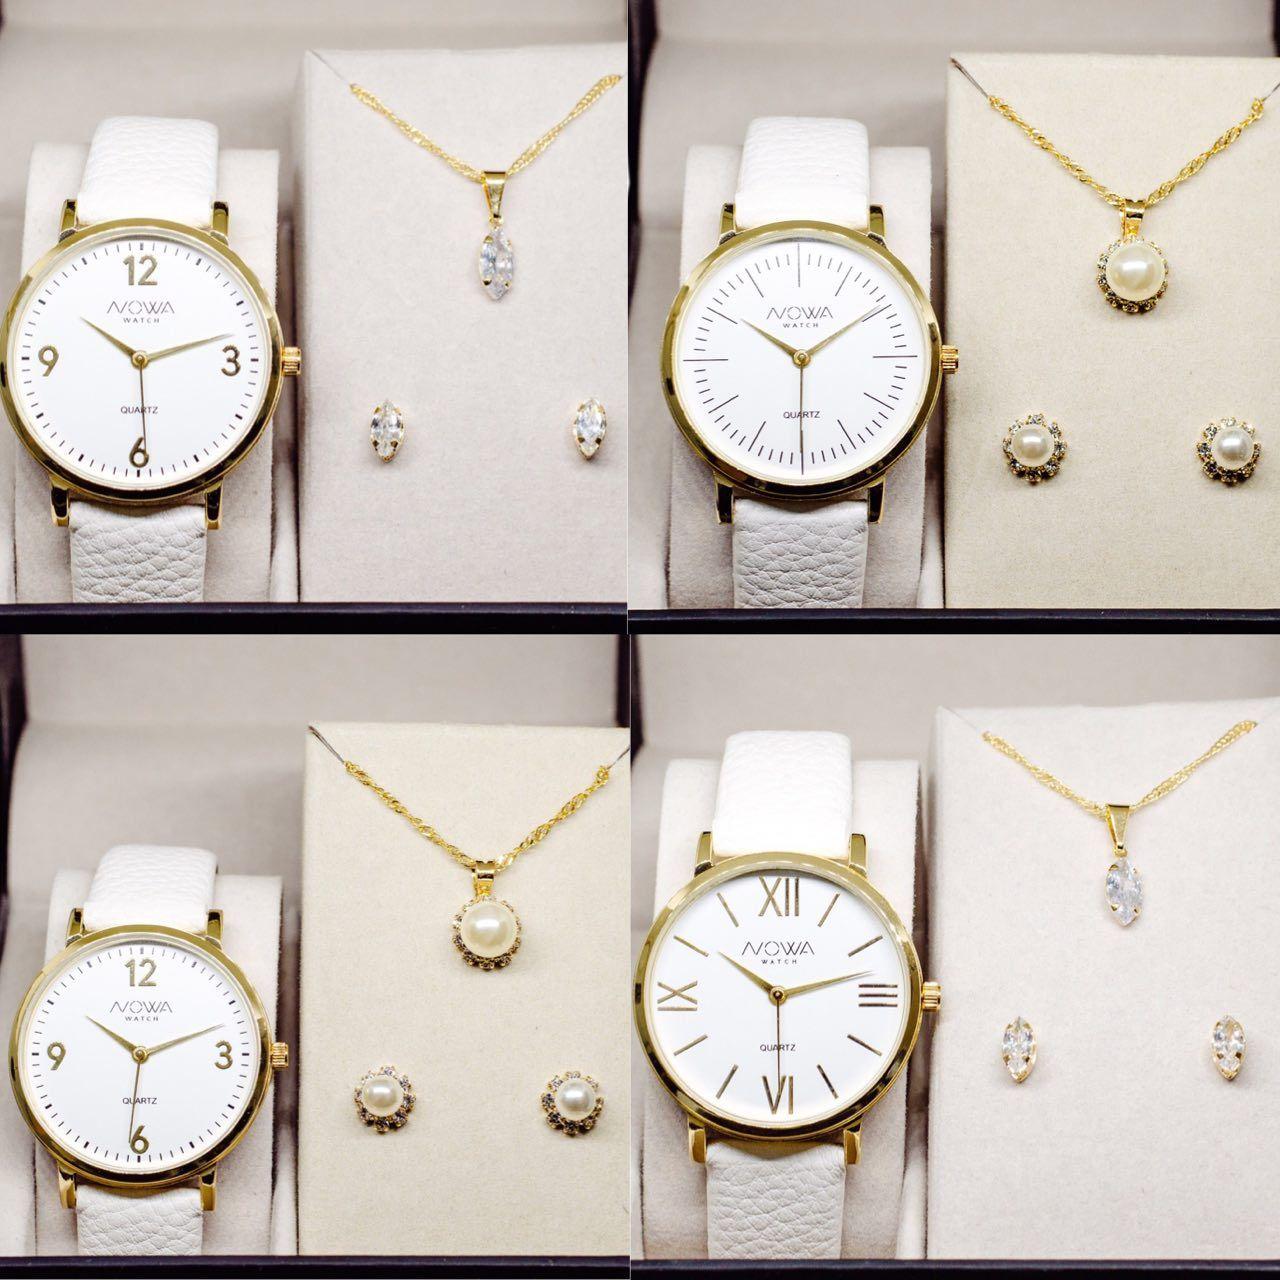 Kit Nowa 4 relógios Couro